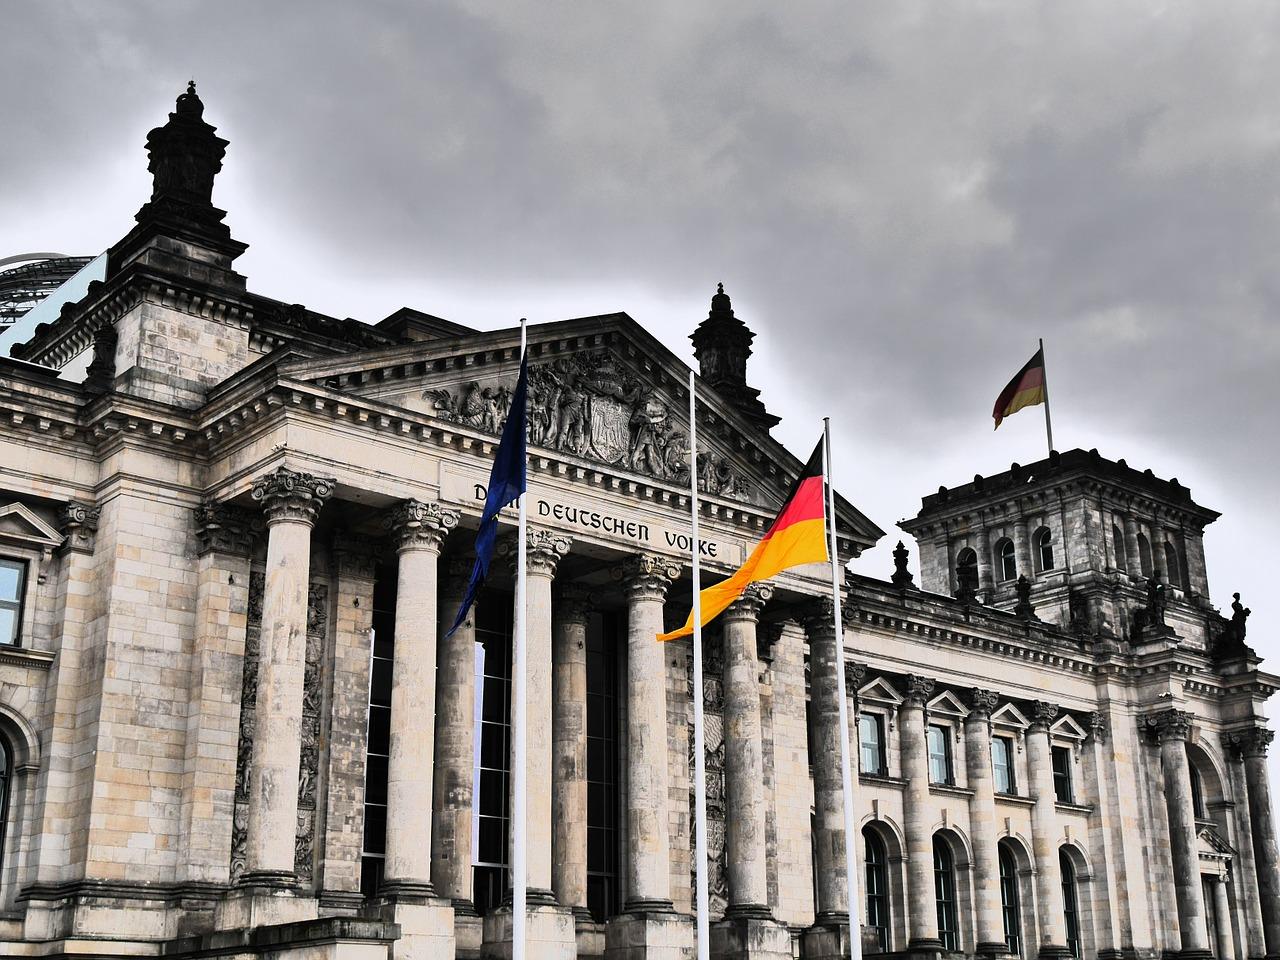 reichstag_1504162086 Erst- und Zweitstimme? | Wie funktioniert die Bundestagswahl? News Politik & Wirtschaft Bundestagswahl Erststimme Zweitstimme |Presse Augsburg